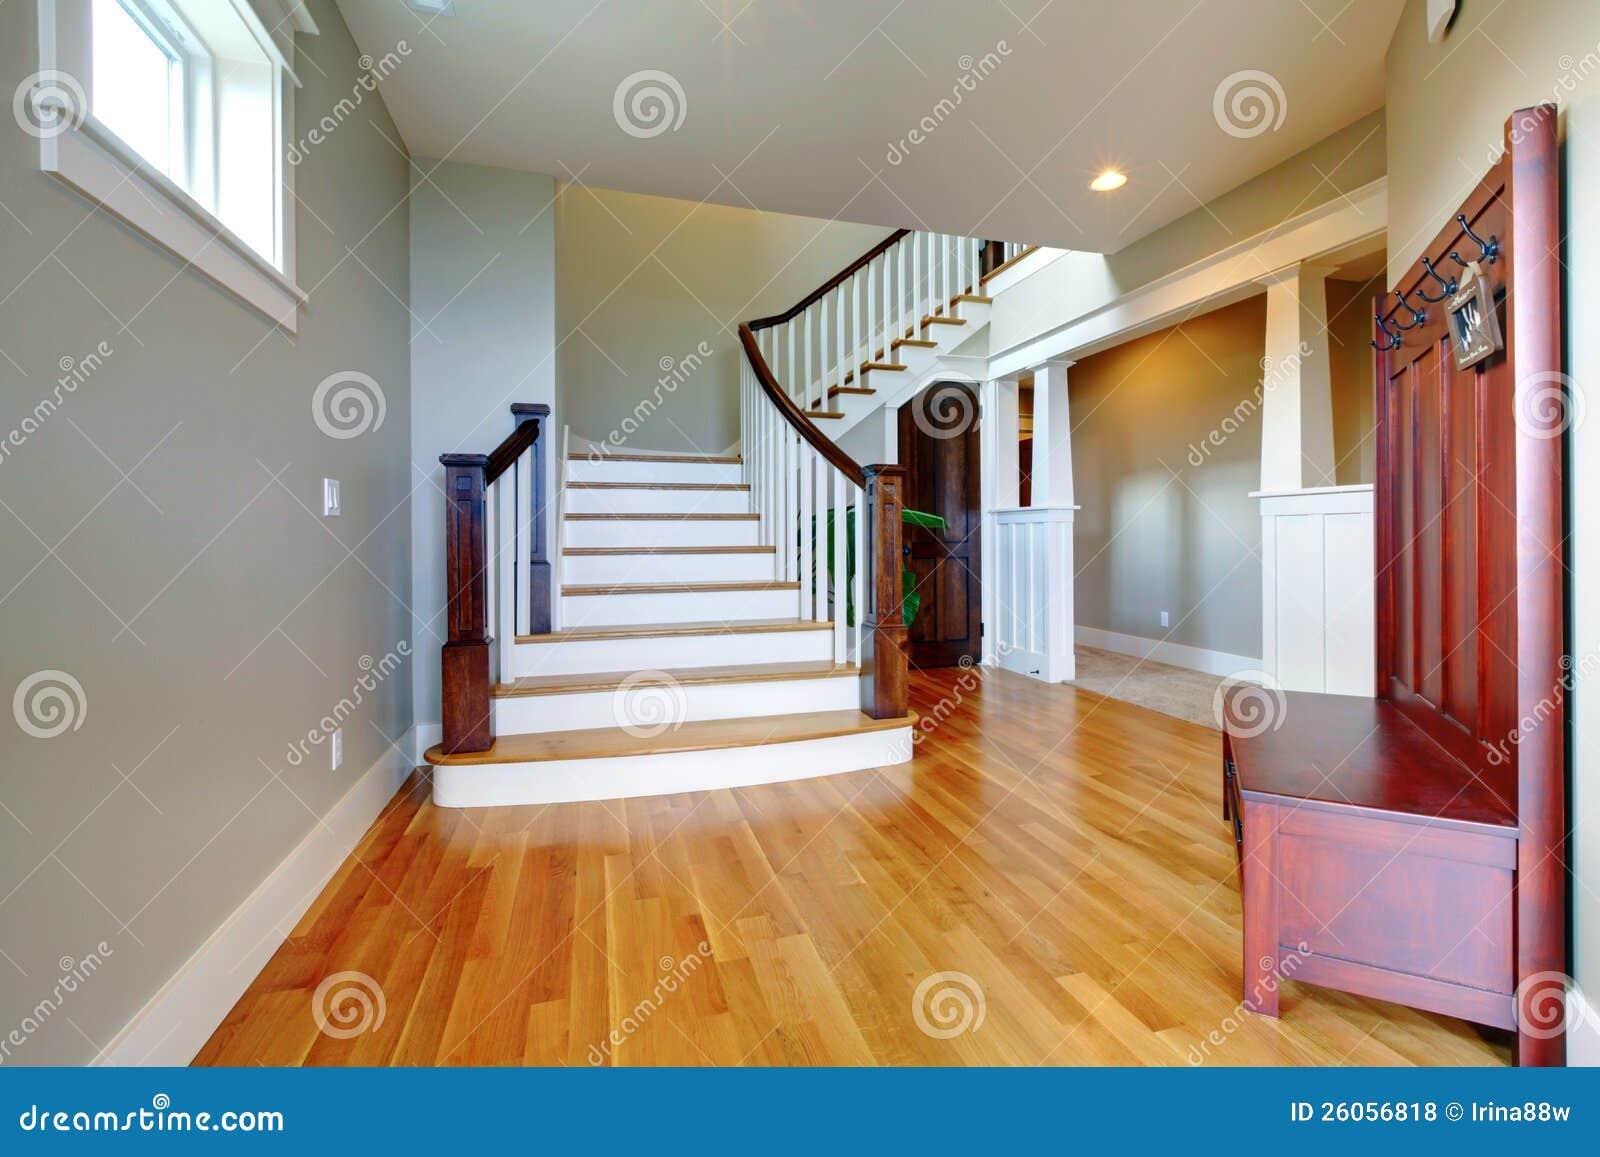 Het huis mooie gang van de luxe stock foto afbeelding 26056818 - Gang huis ...